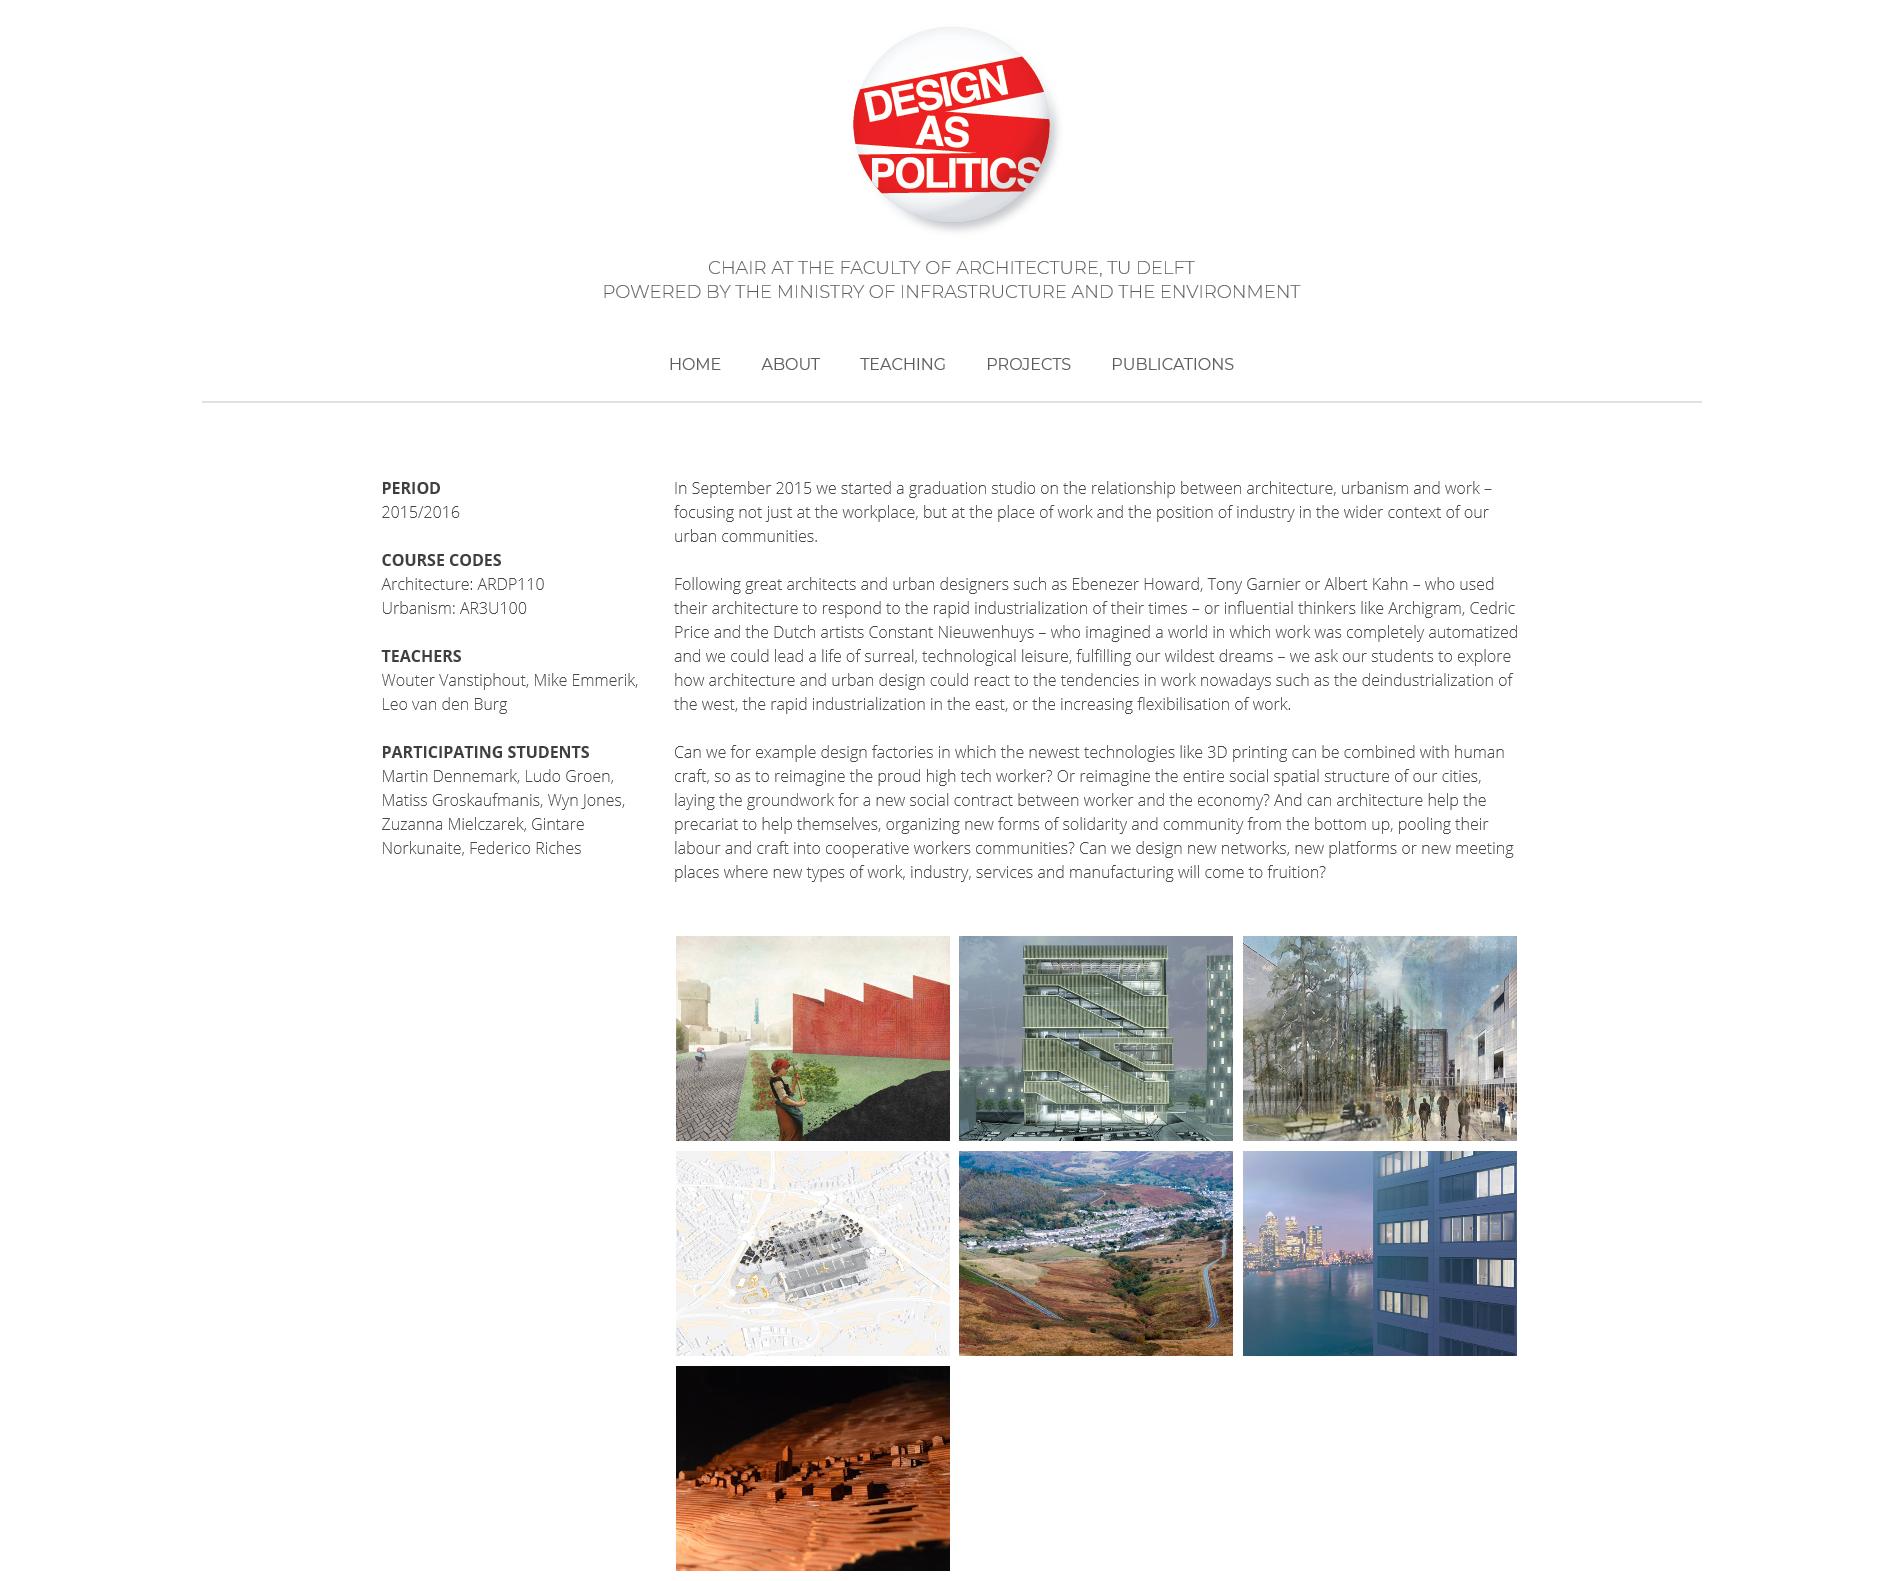 Pagina van een afstudeerstudio op de website van Design as Politics